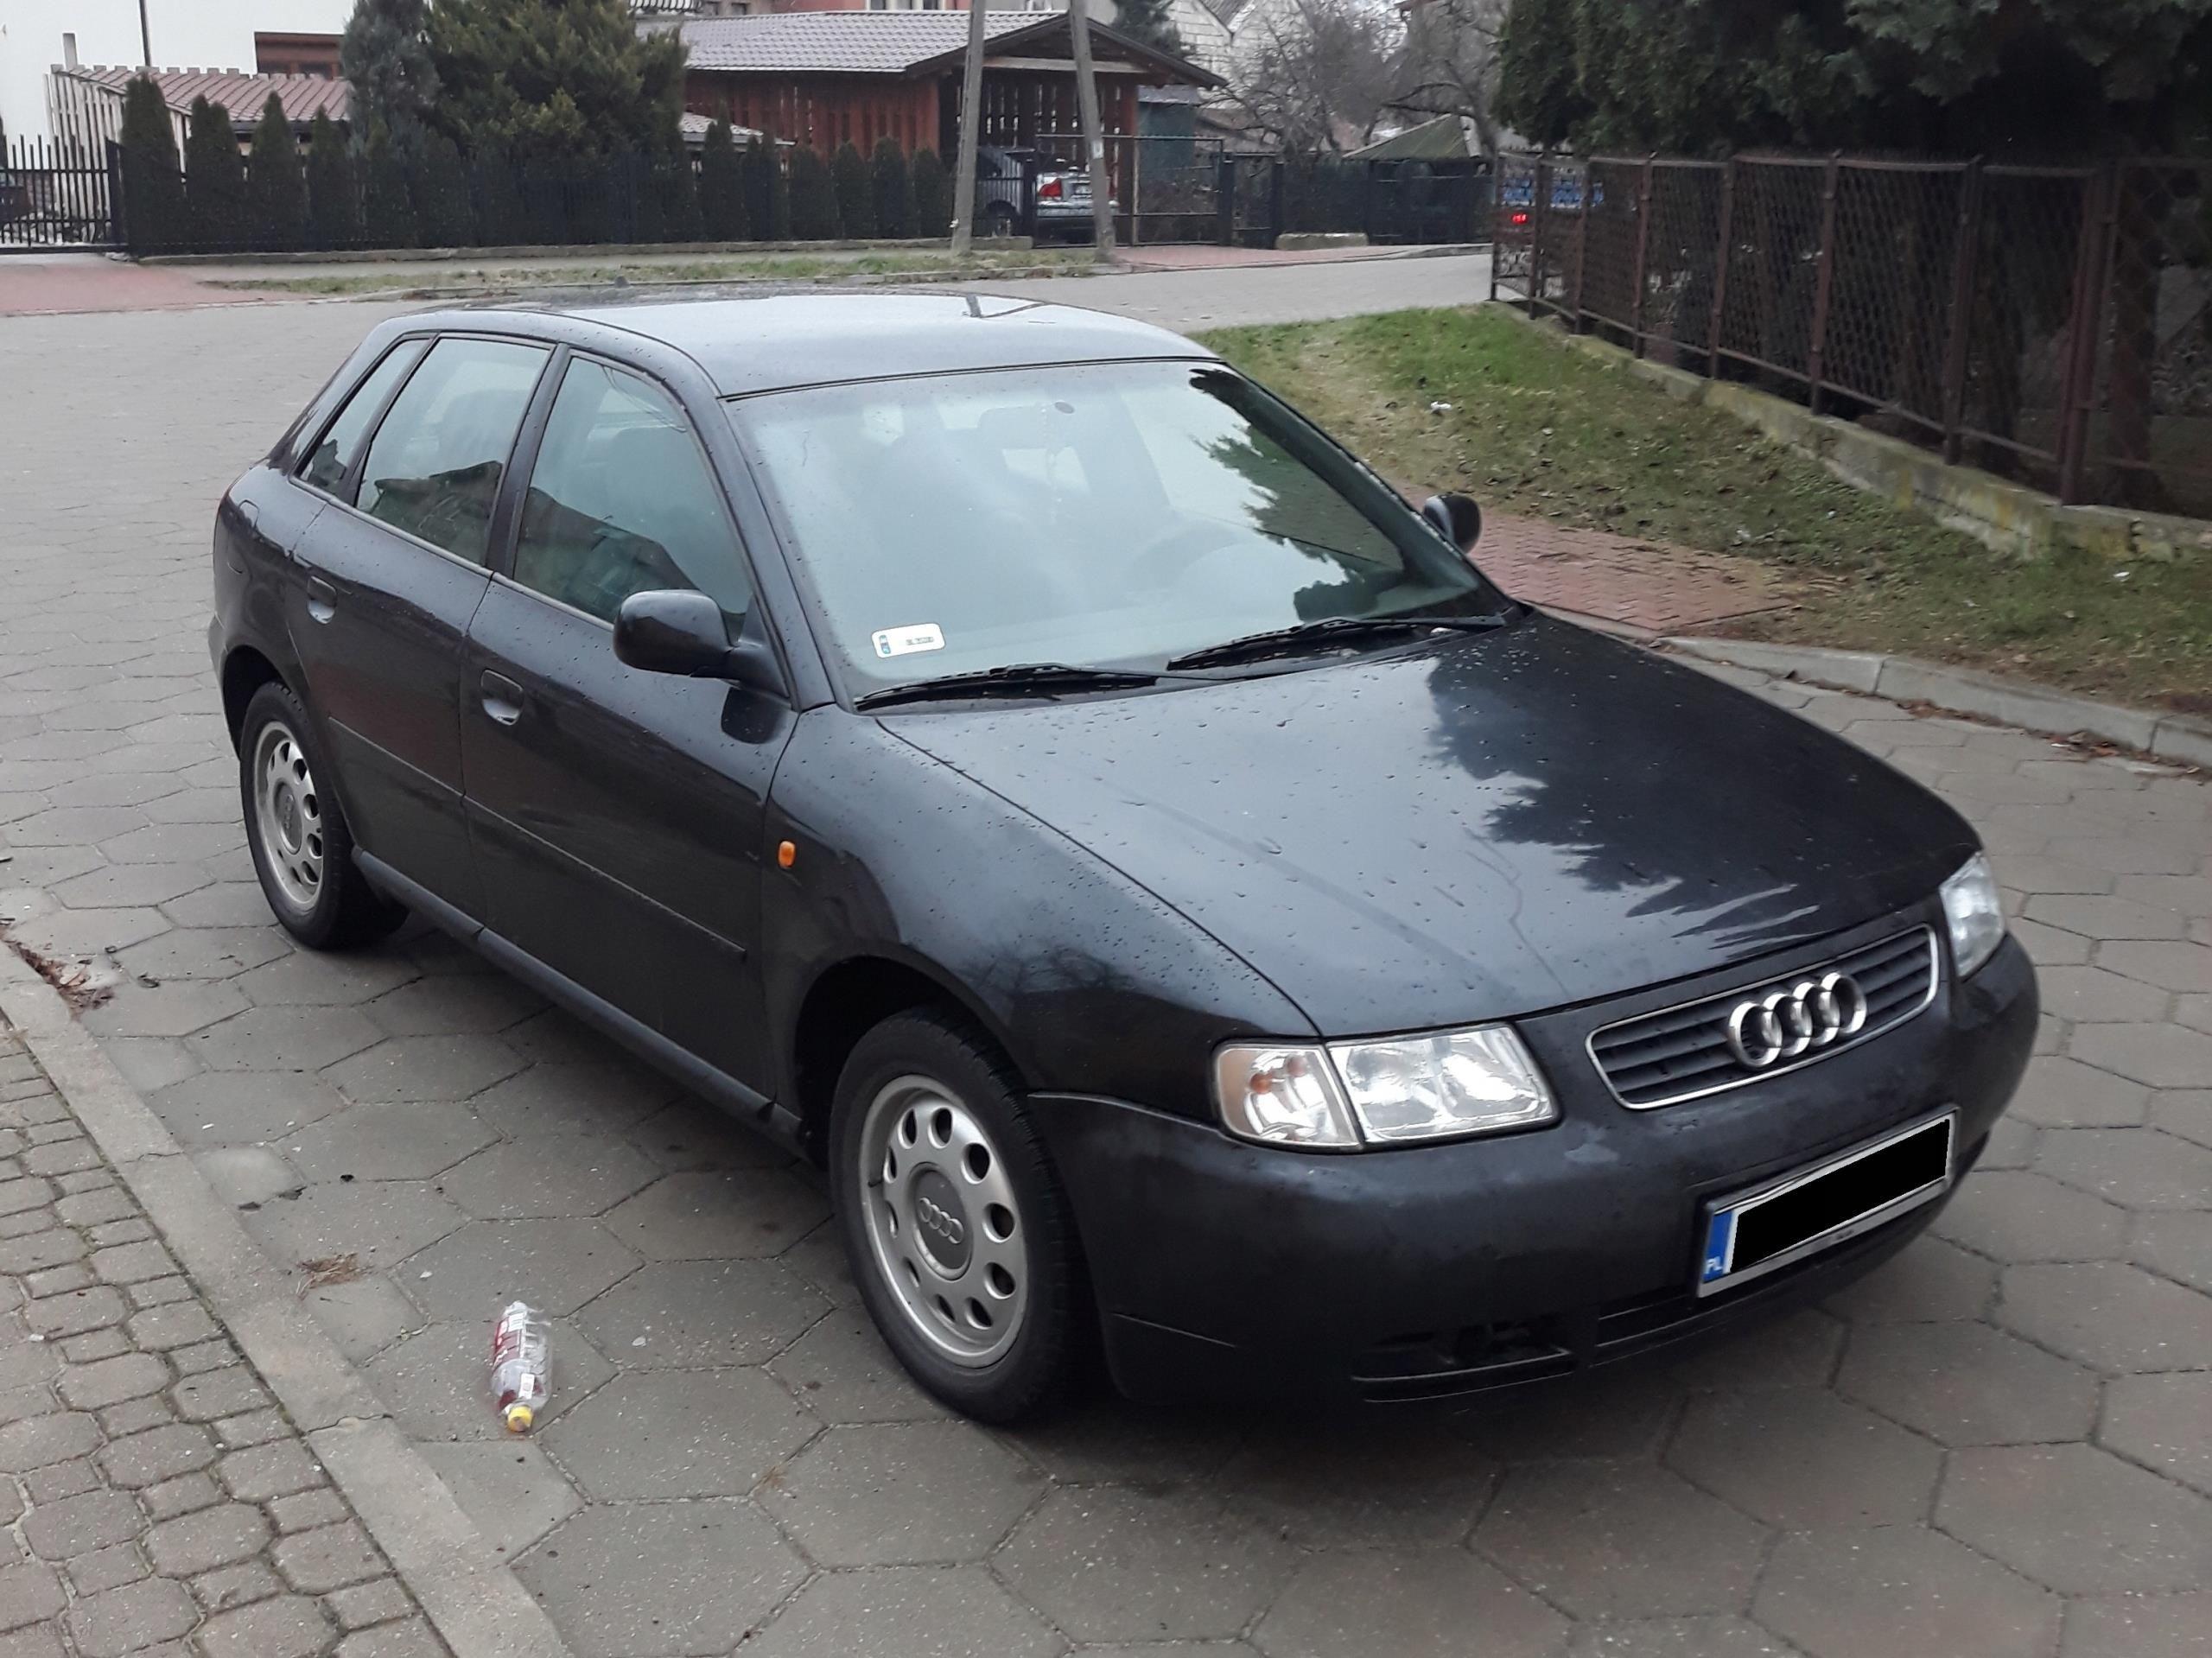 Audi A3 Benzyna Gaz Lpg 5 Drzwi Czarny Prywatnie Opinie I Ceny Na Ceneo Pl